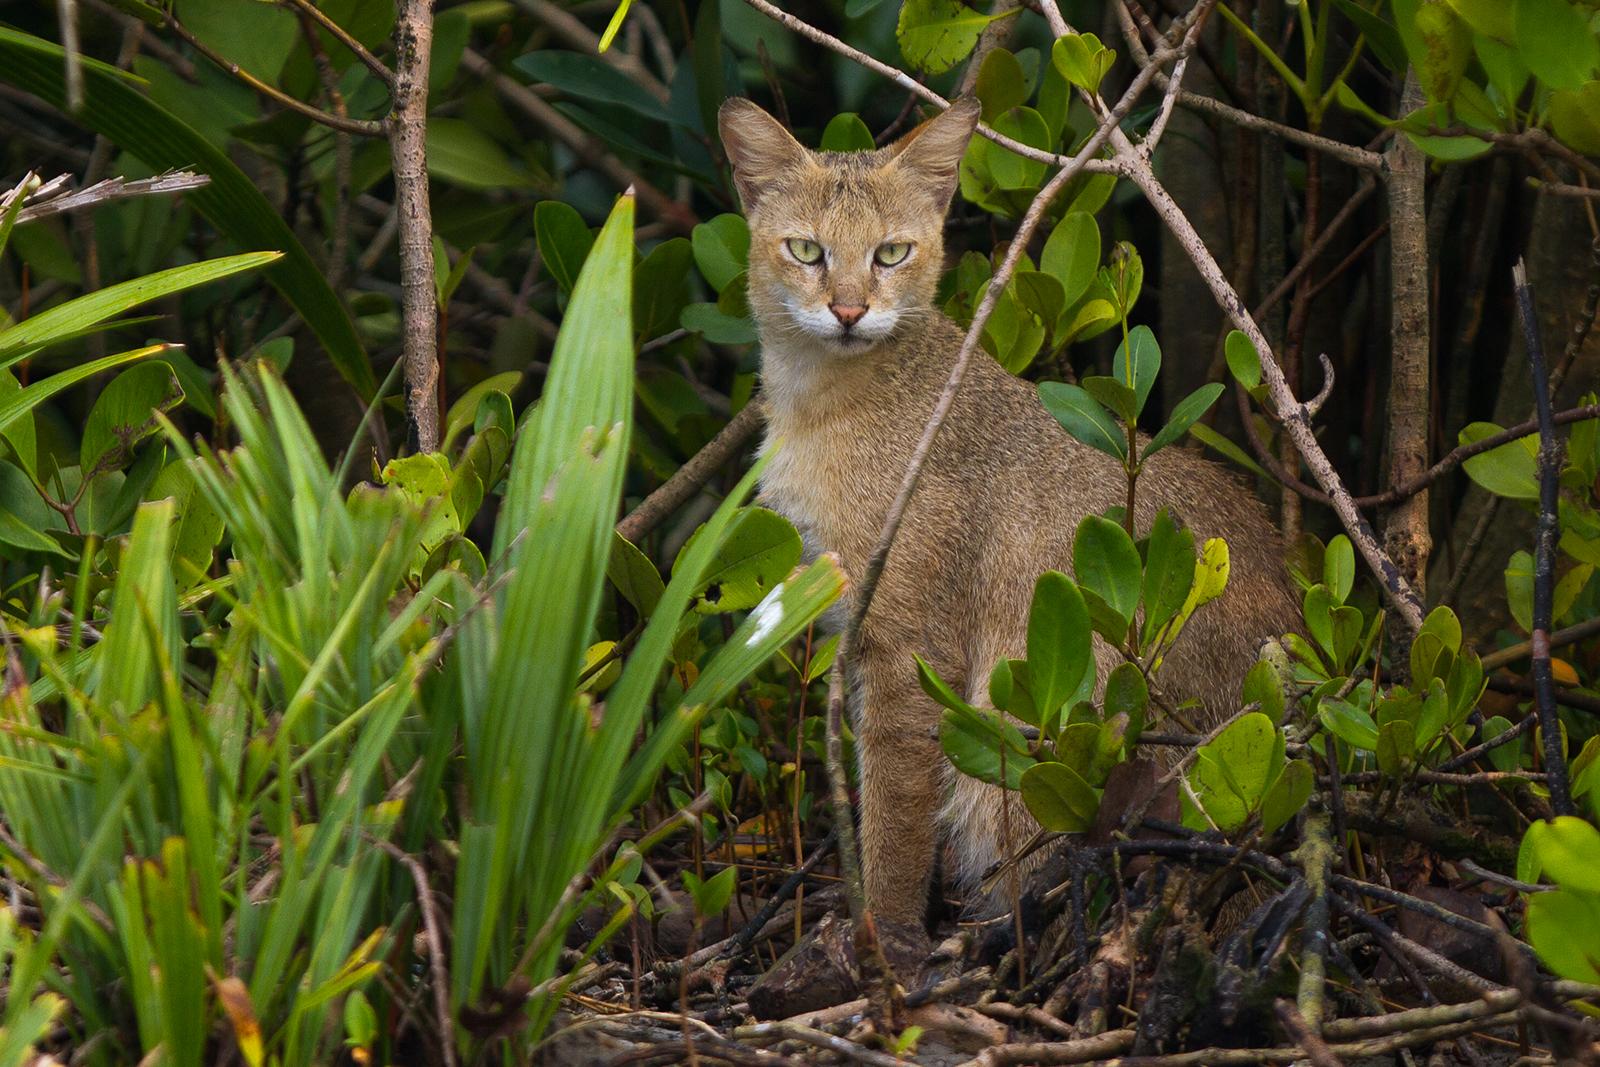 Jungle_Cat_in_Sundarban_looking_at_us.jp